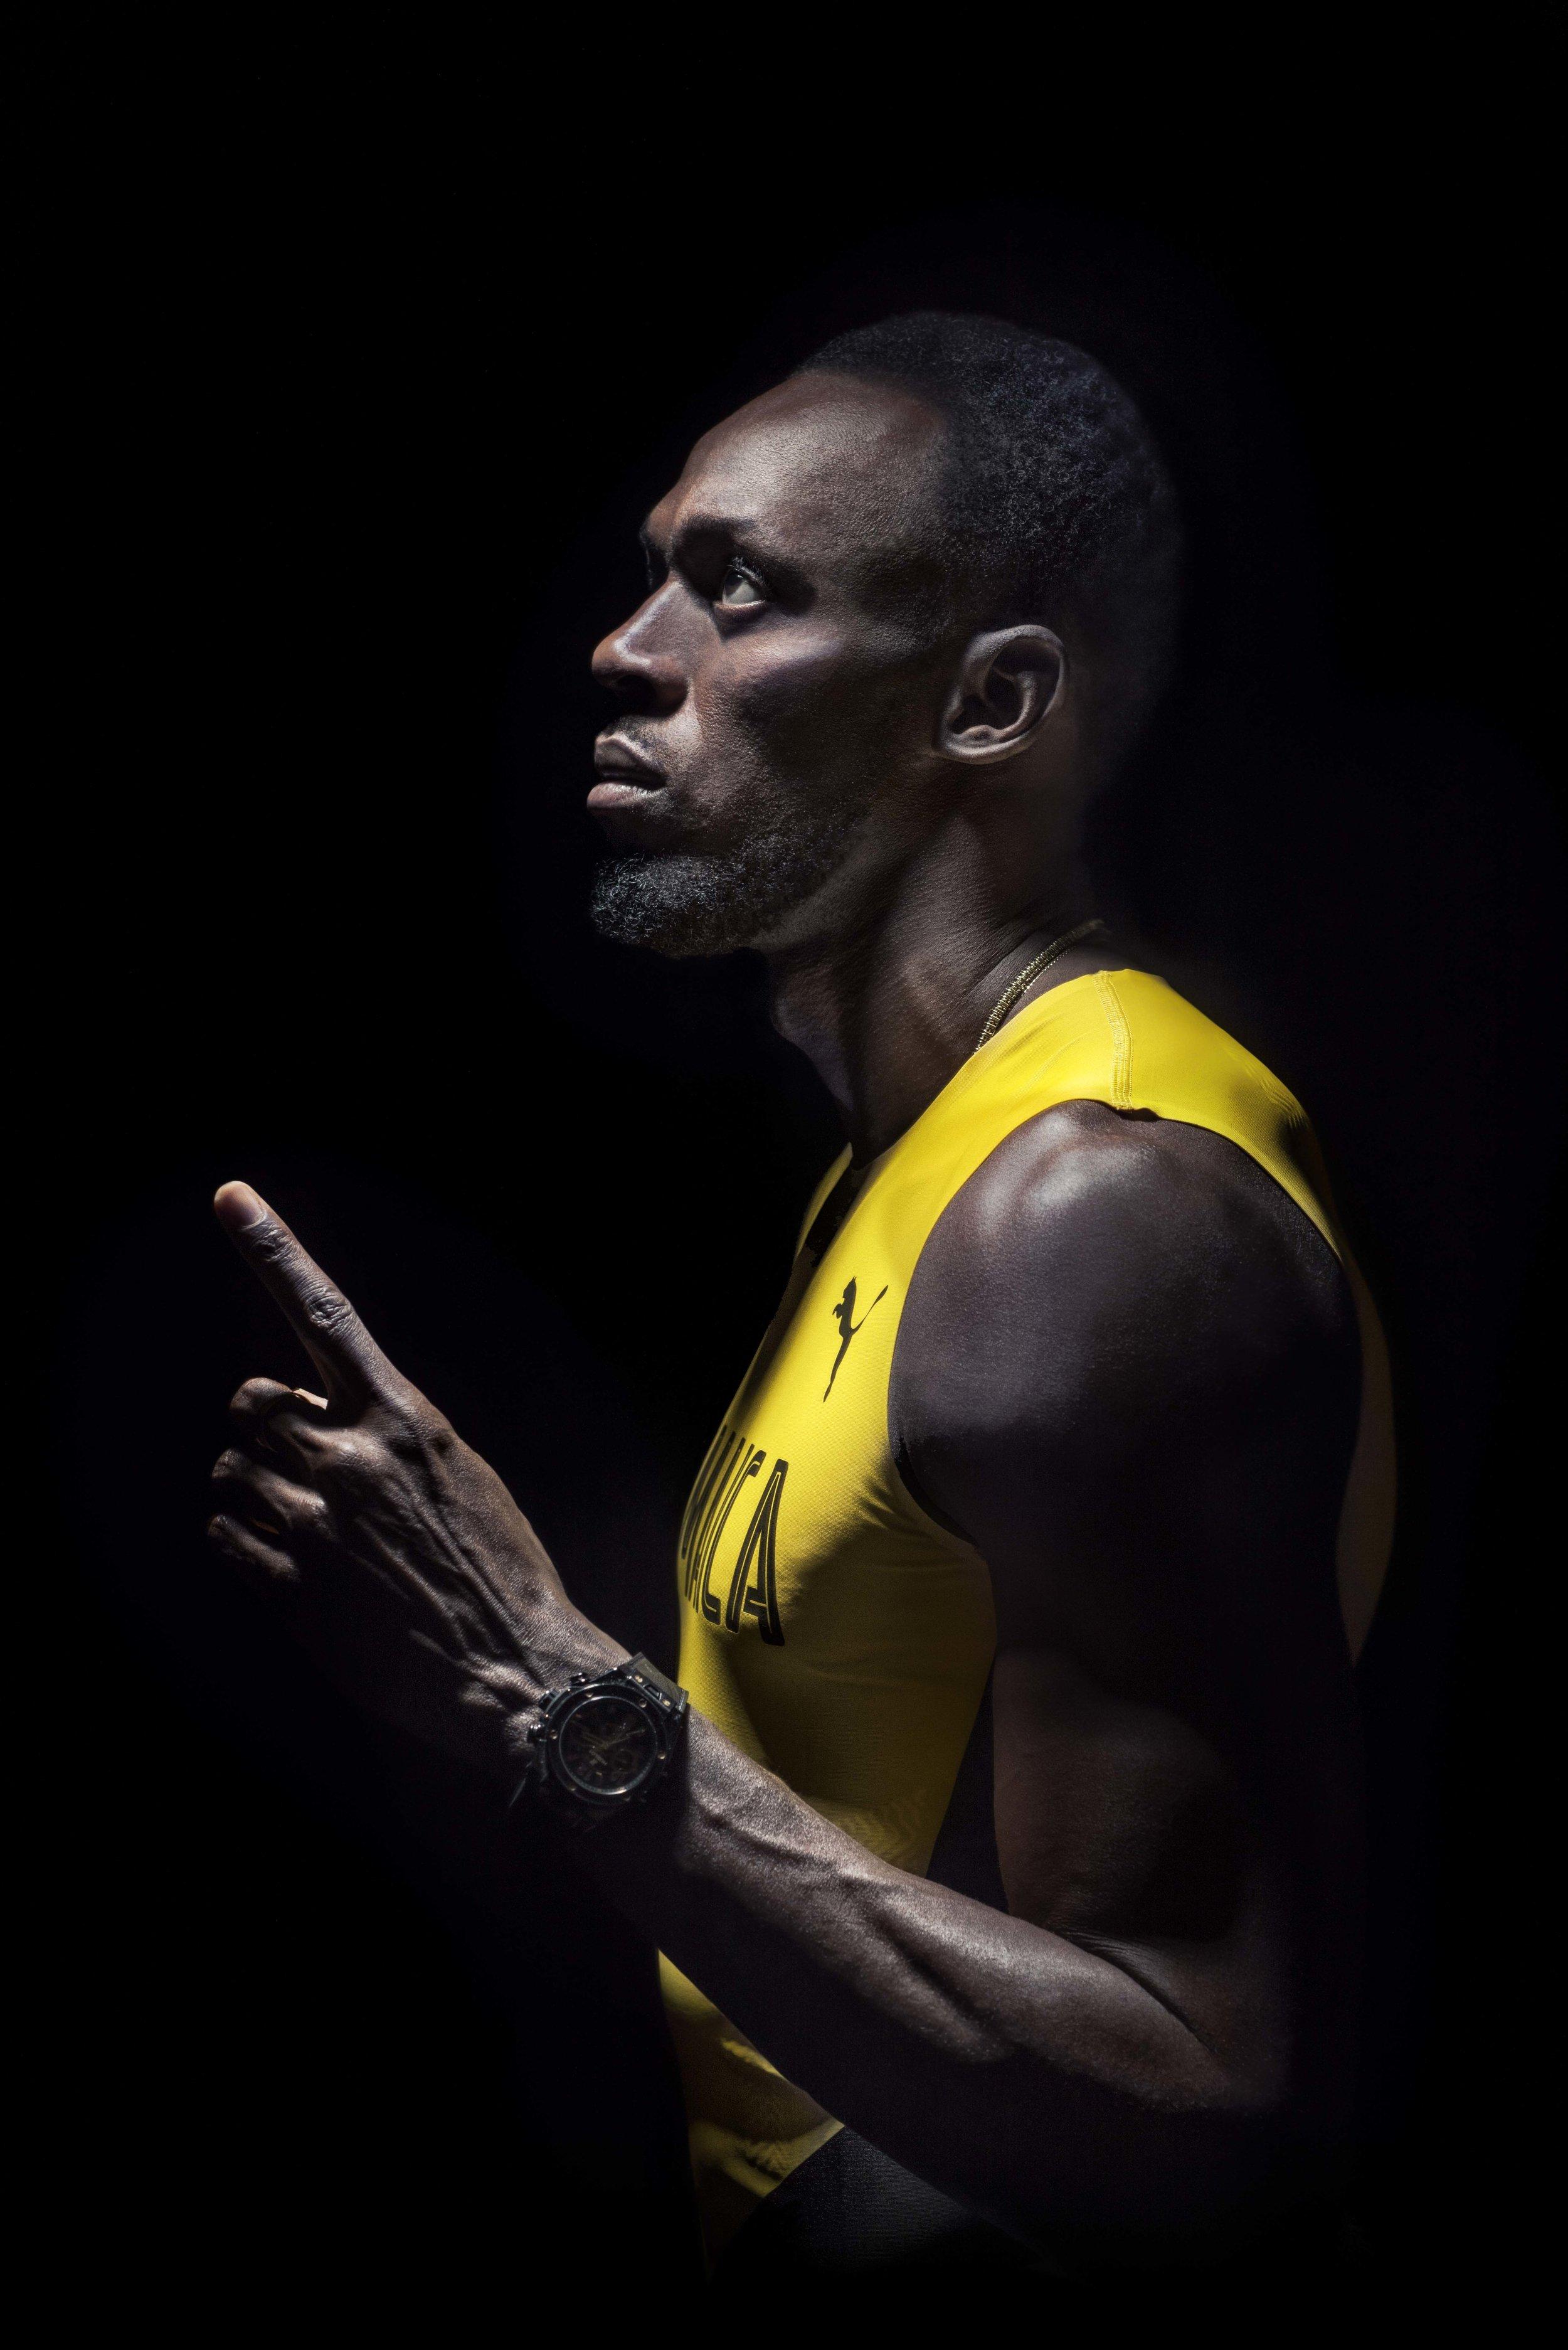 Usain_Bolt15121.jpg